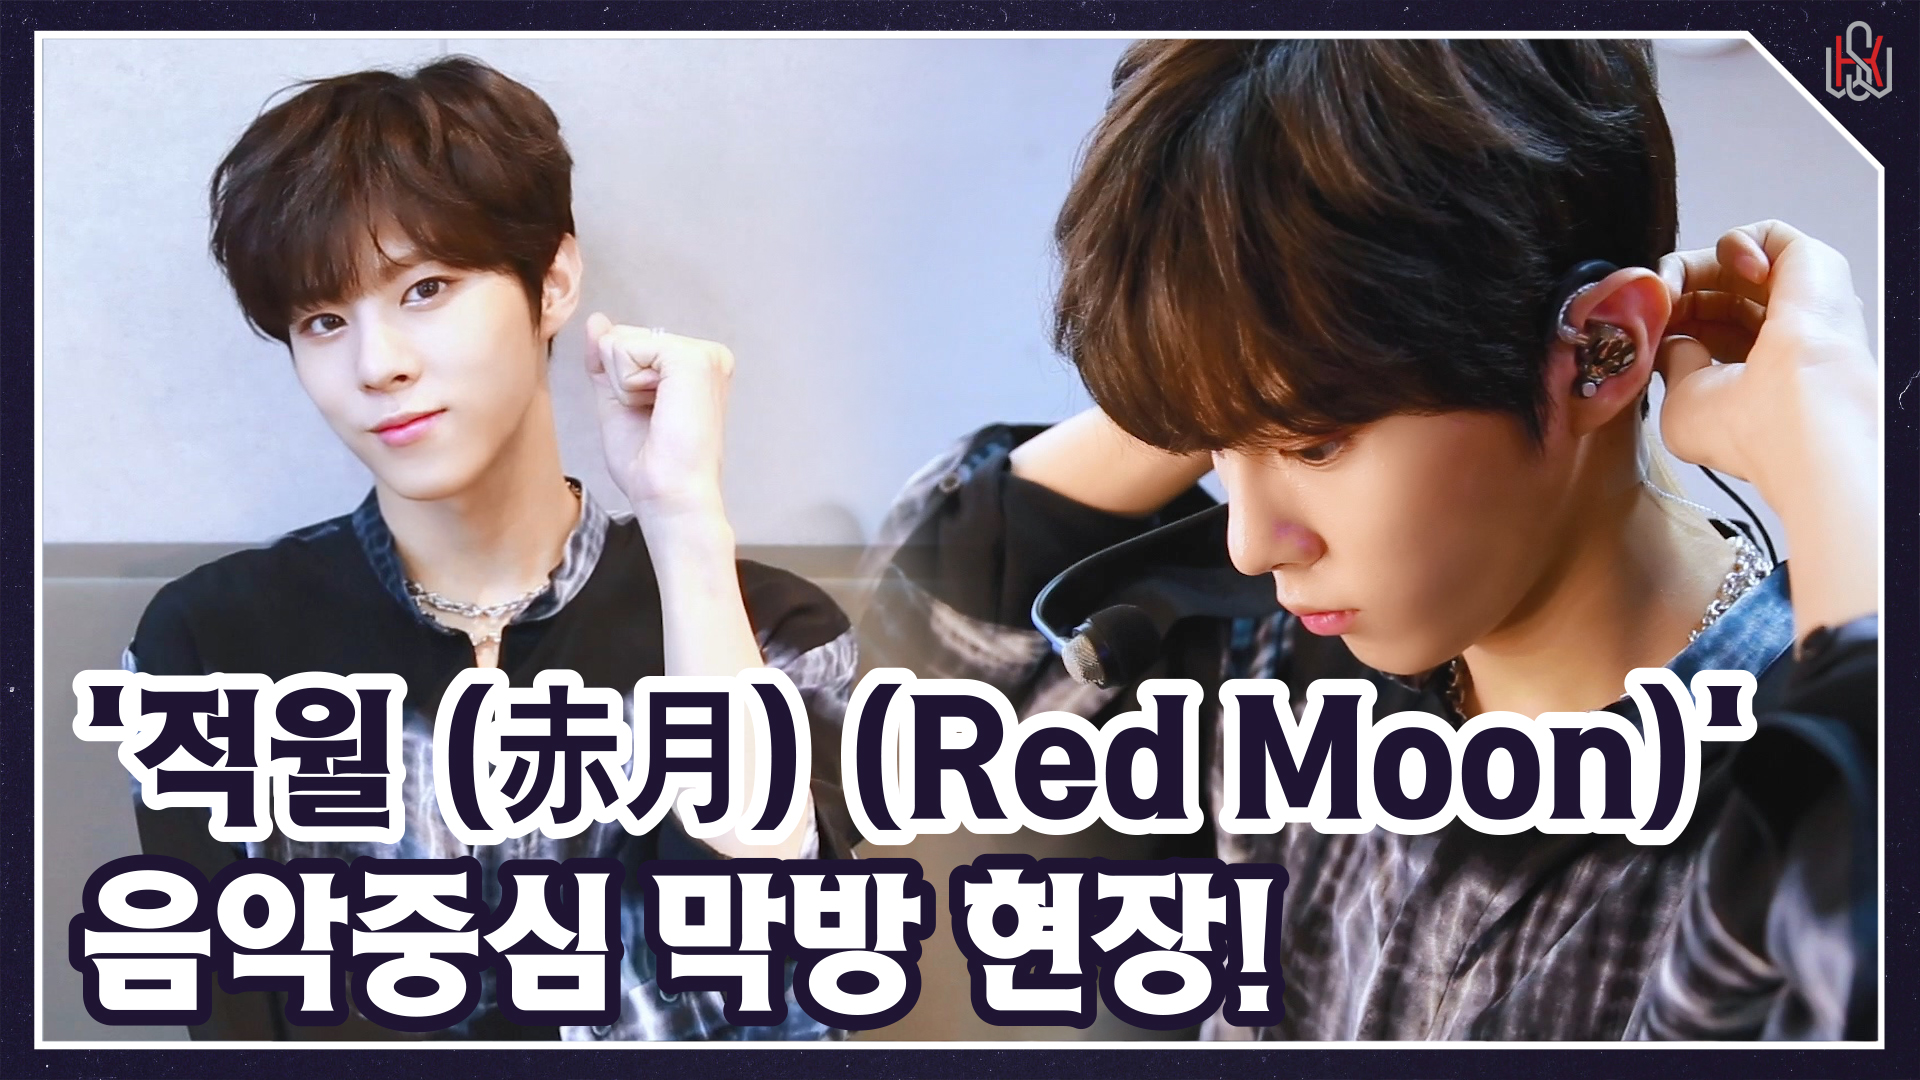 [WWW:] '적월 (赤月) (Red Moon)'과 아쉬운 굿바이😢 김우석 음악중심 막방 비하인드!